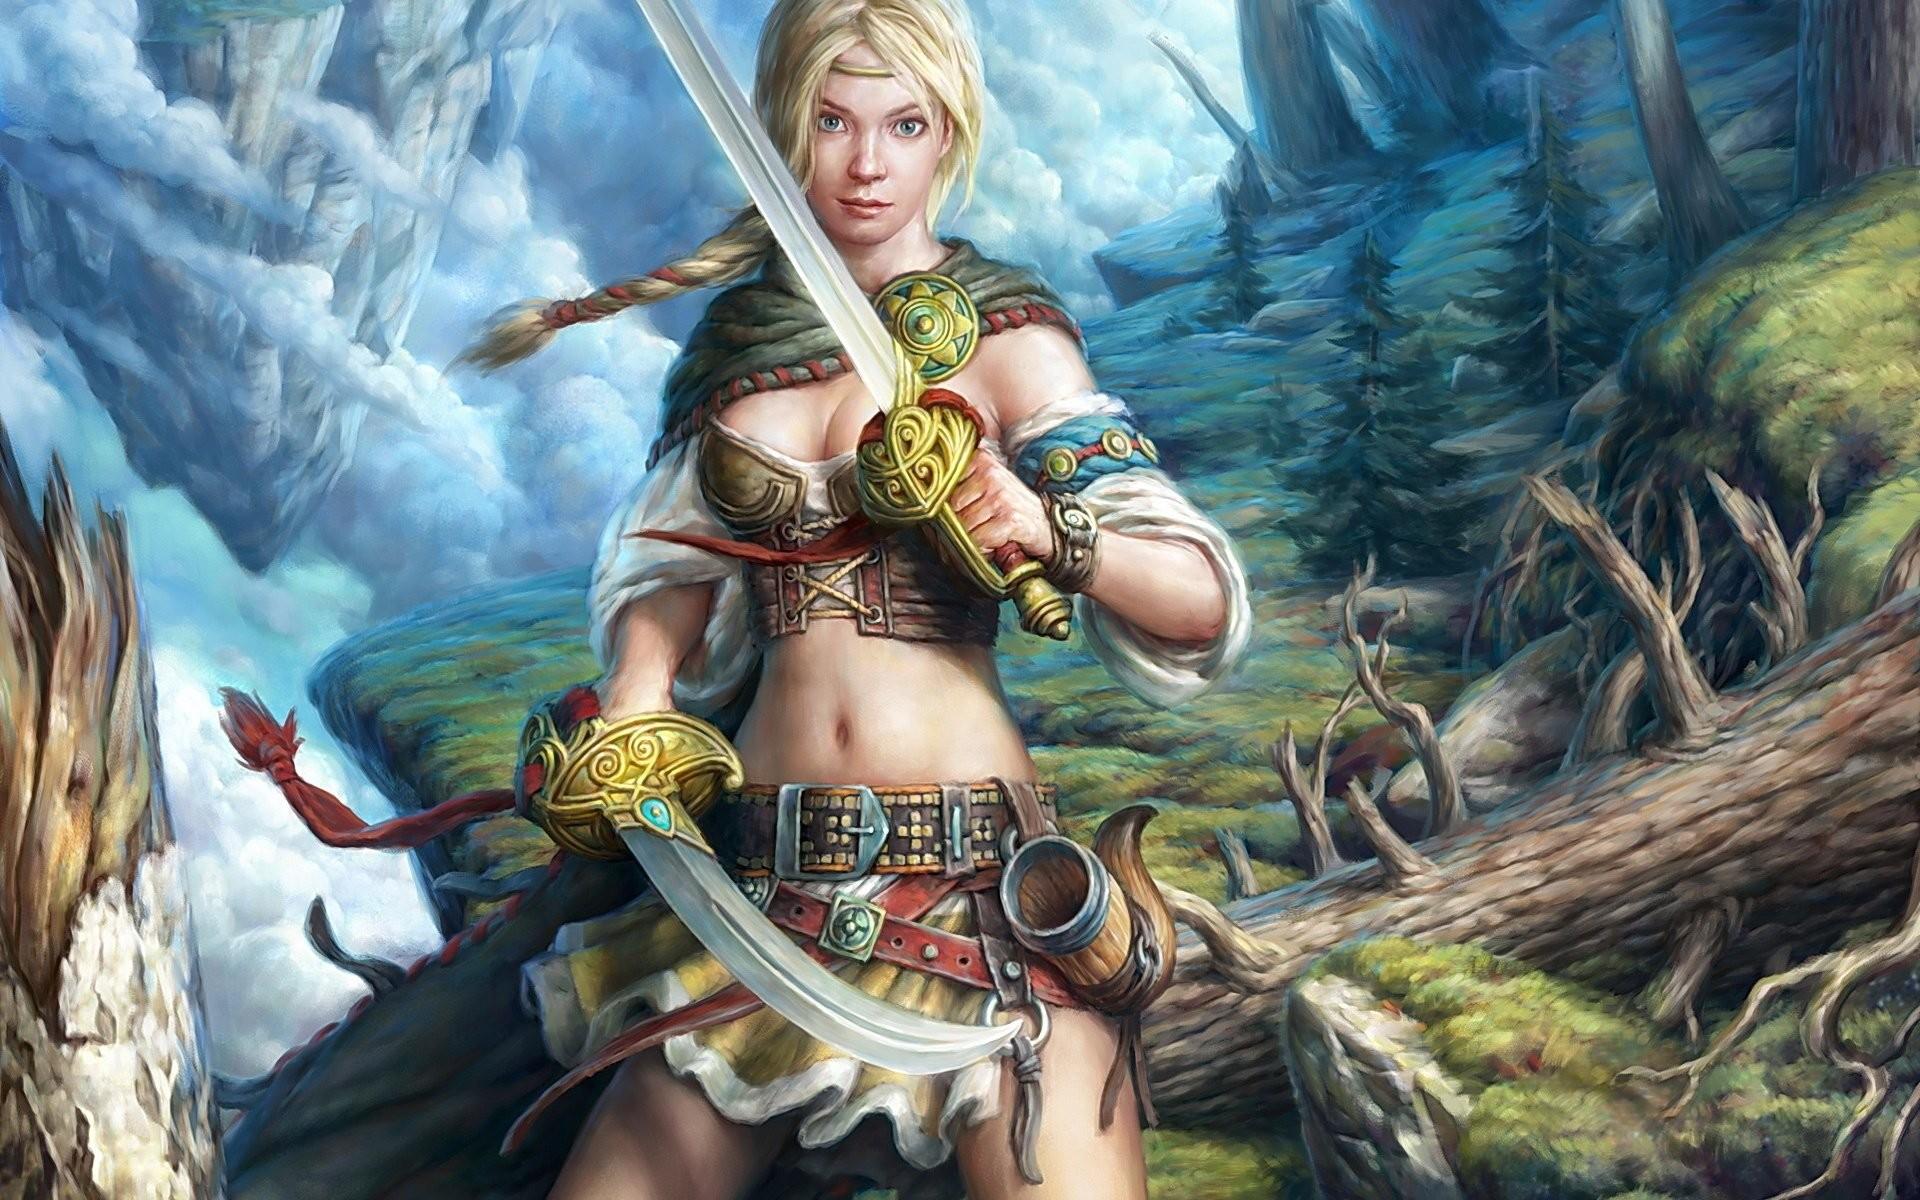 Fantasy Female Warriors